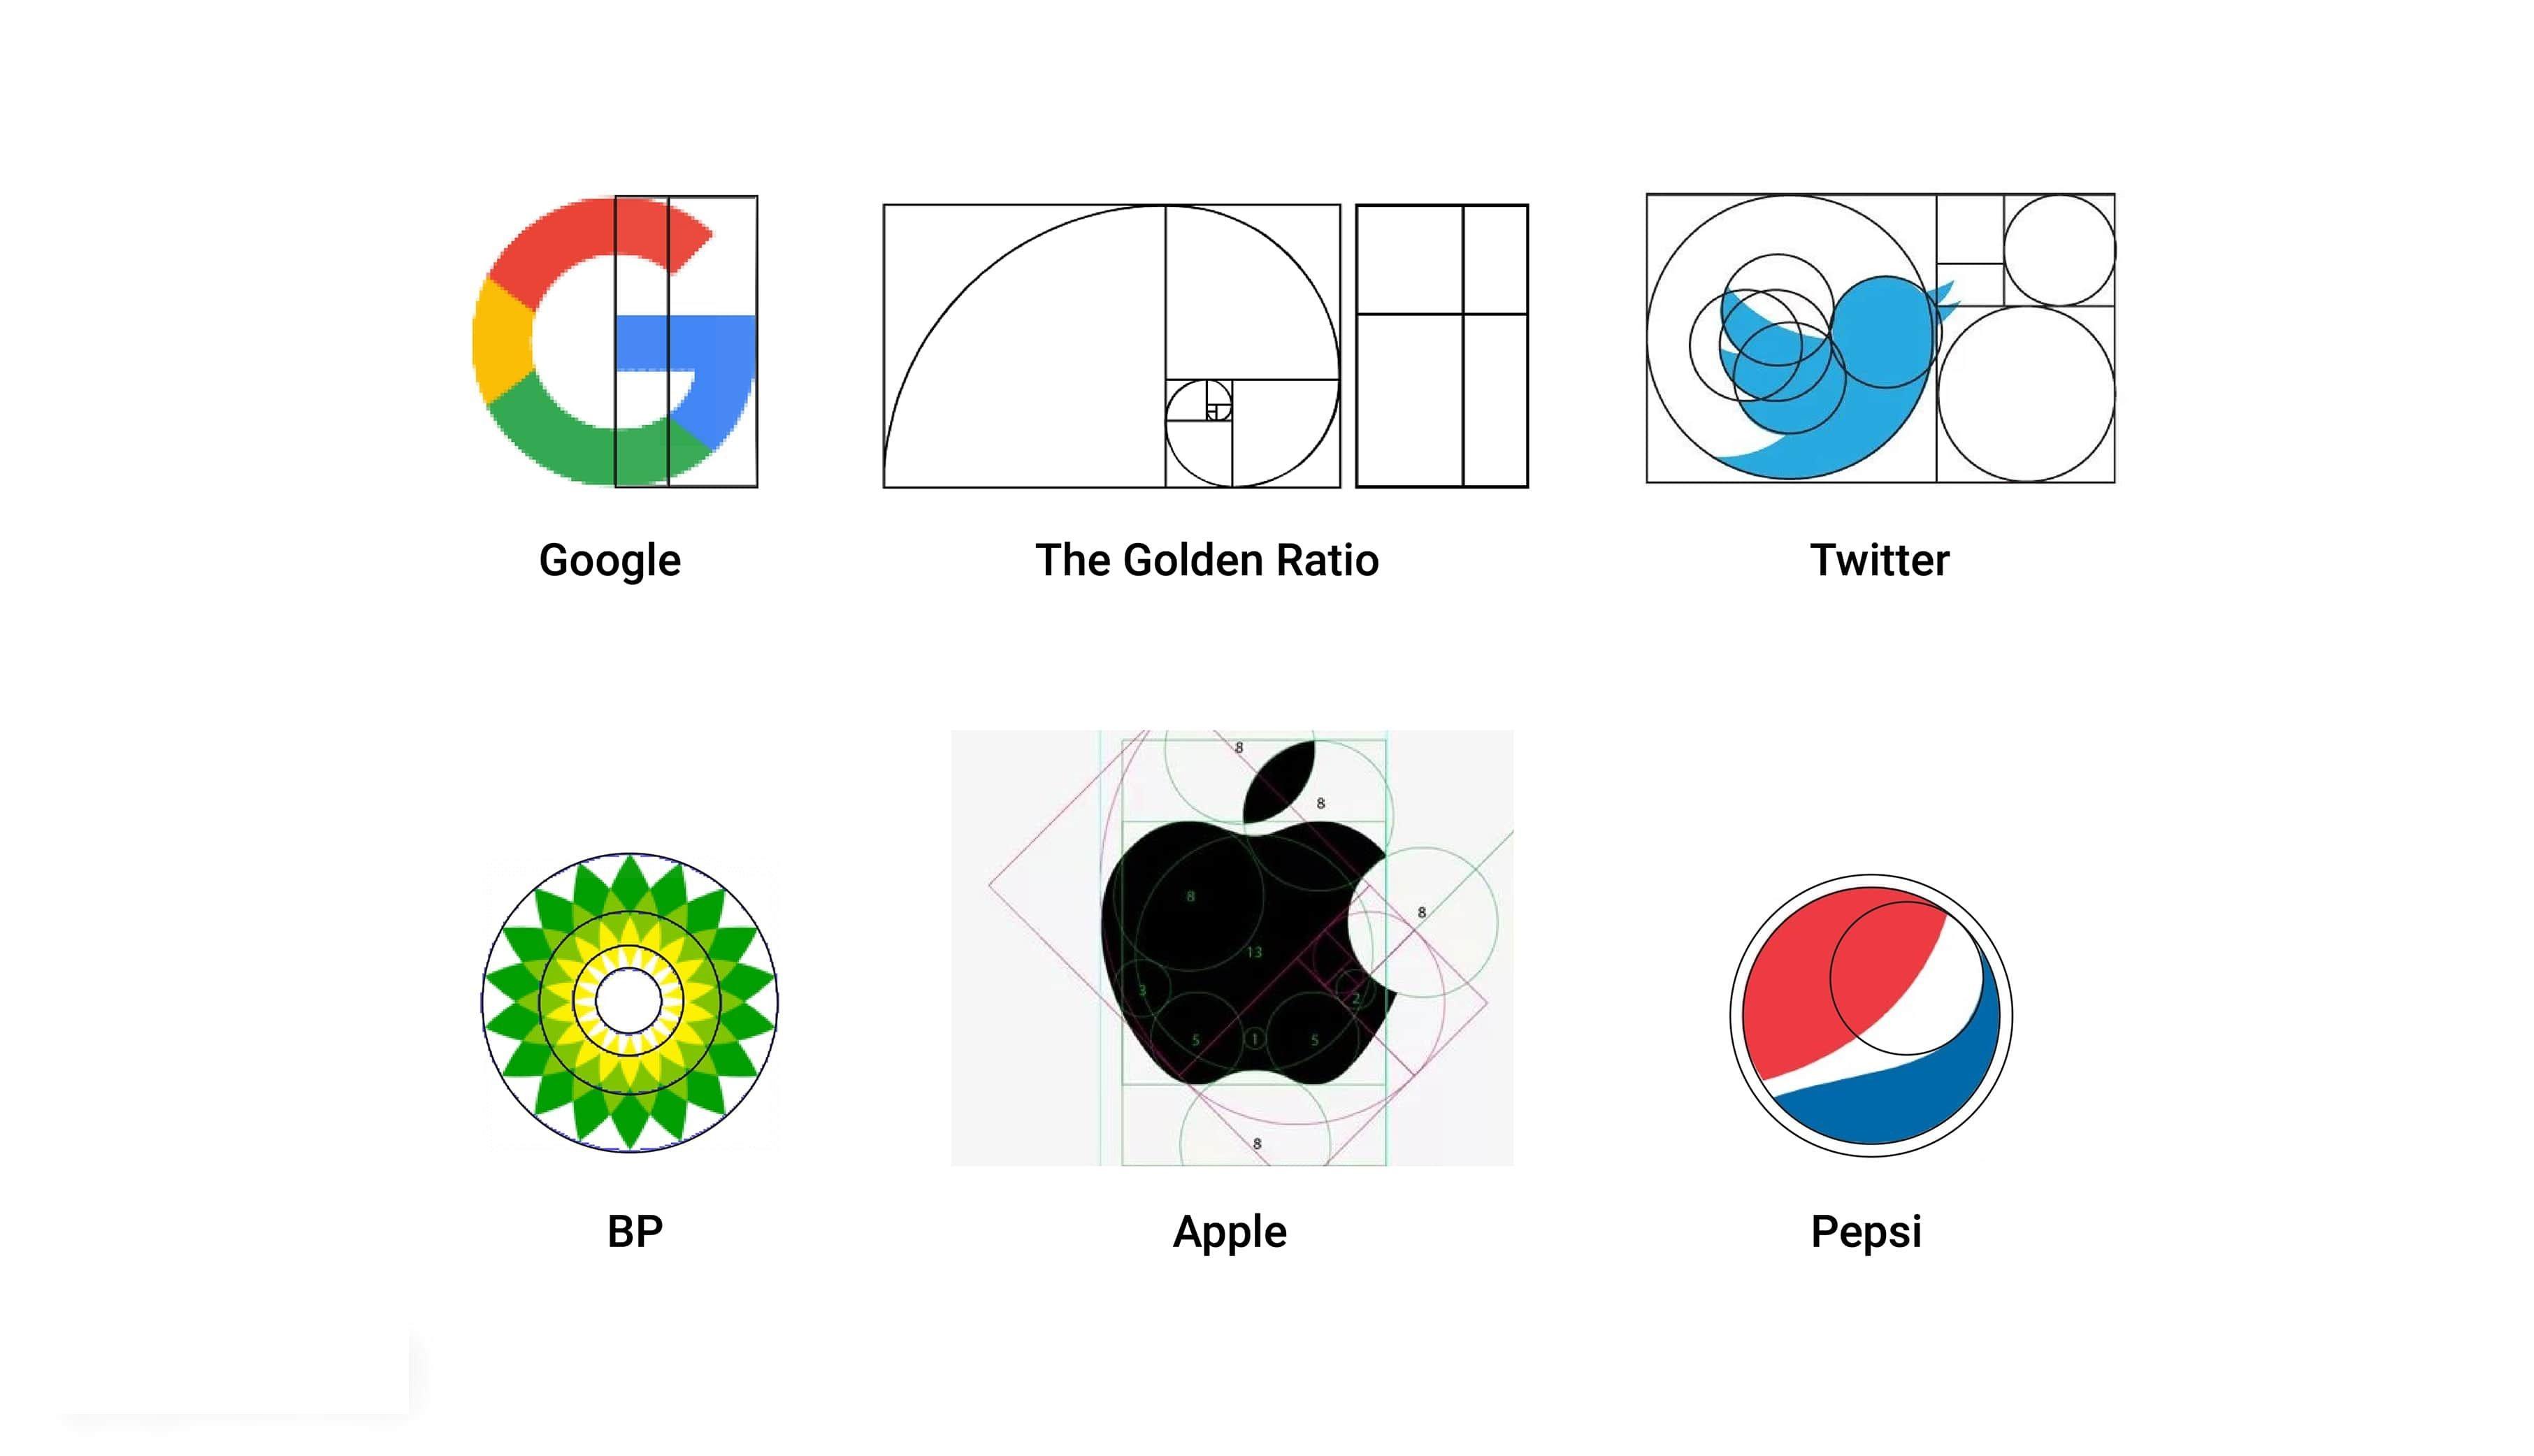 رعایت نسبت طلایی در لوگوهای شرکتهای معتبر جهان